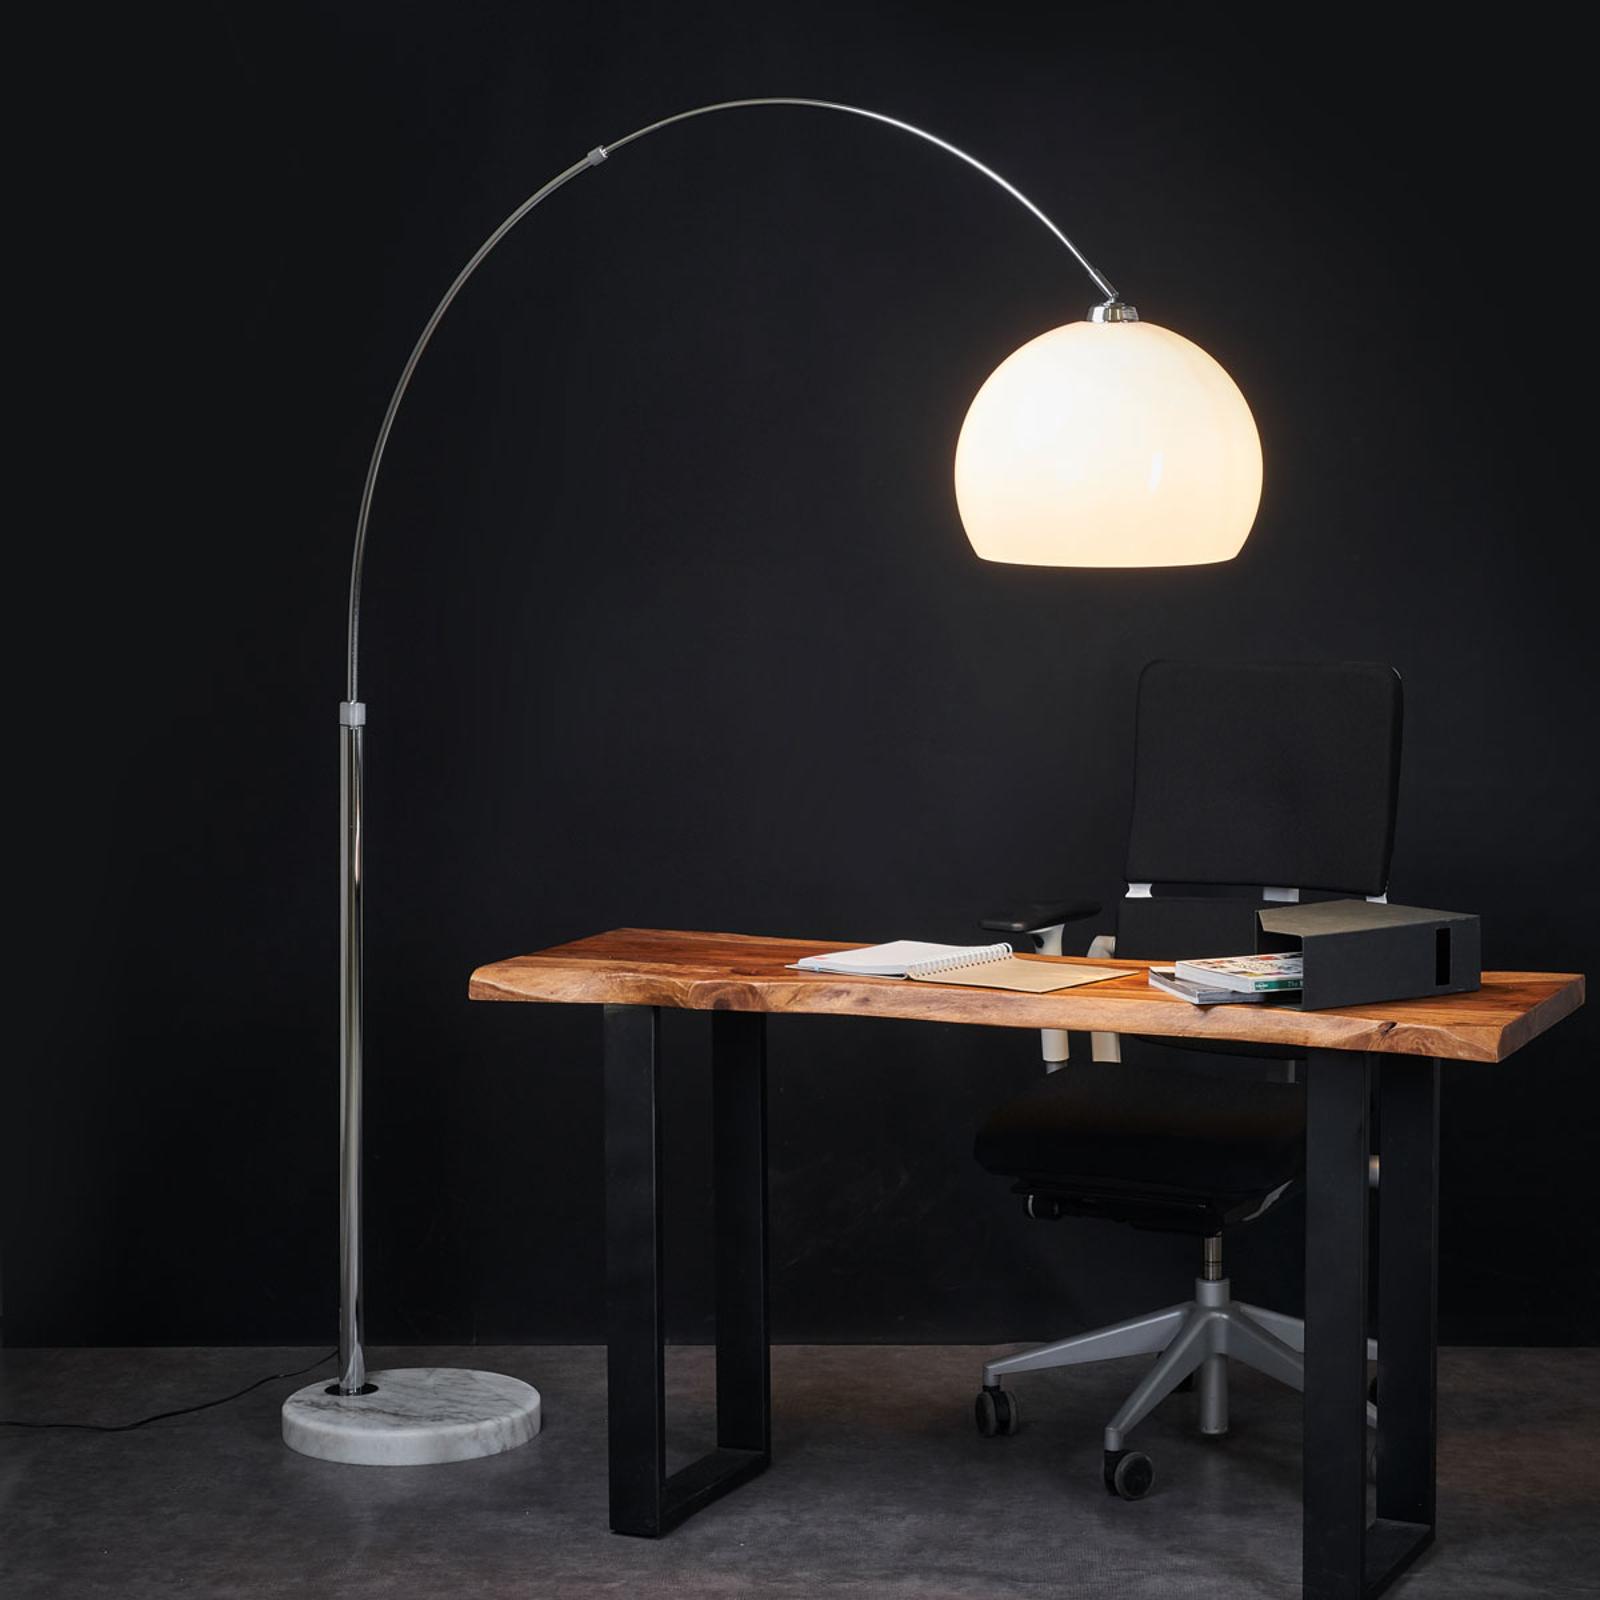 Attractive arc floor lamp Fjella_9945169_1